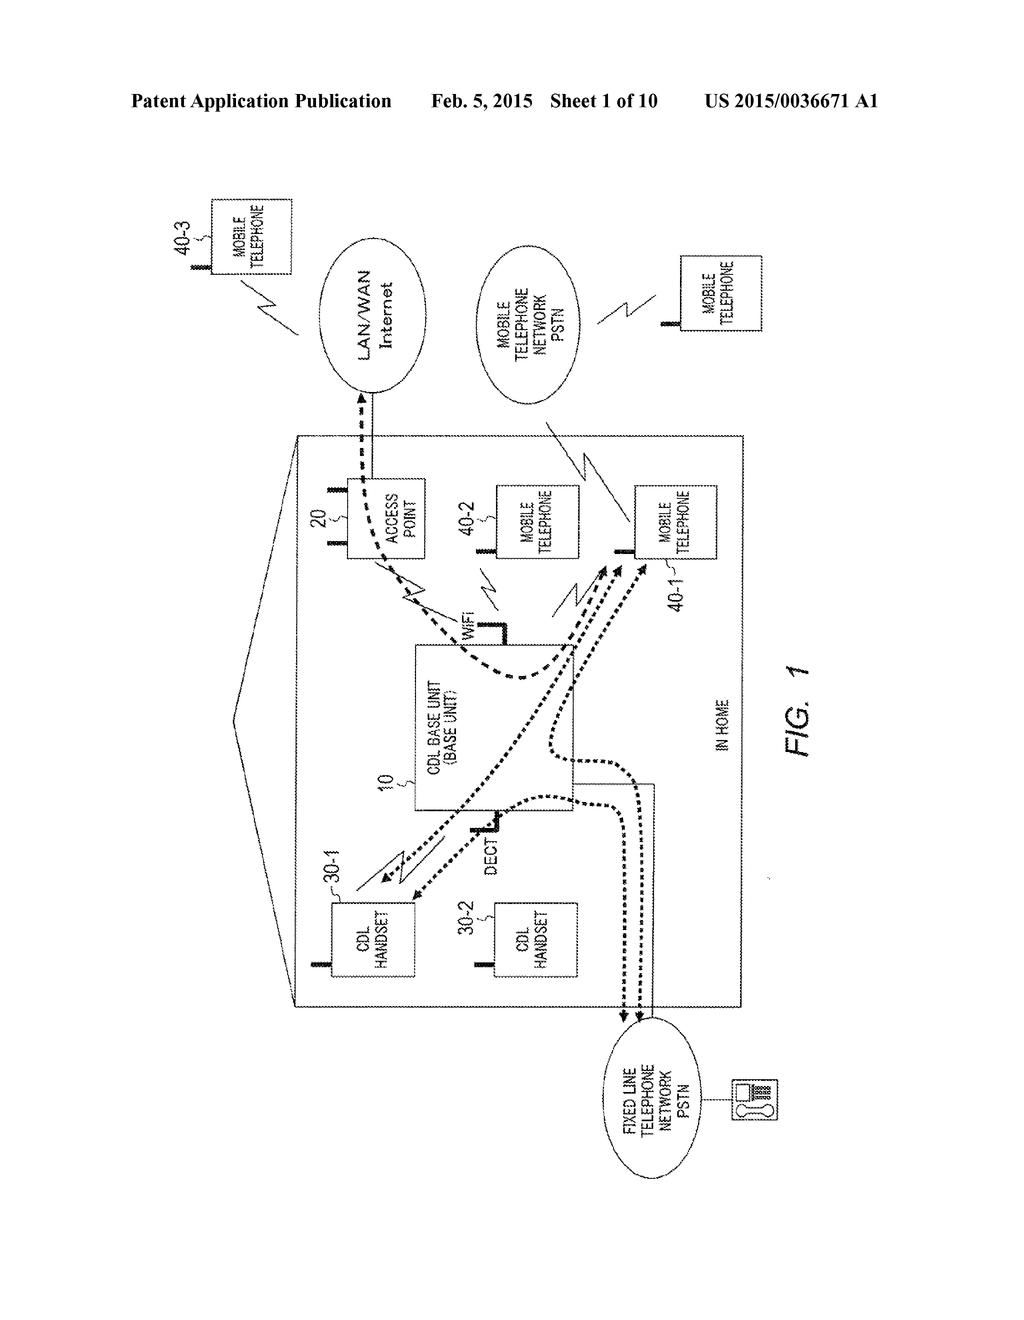 Cat 5 Wire Diagram